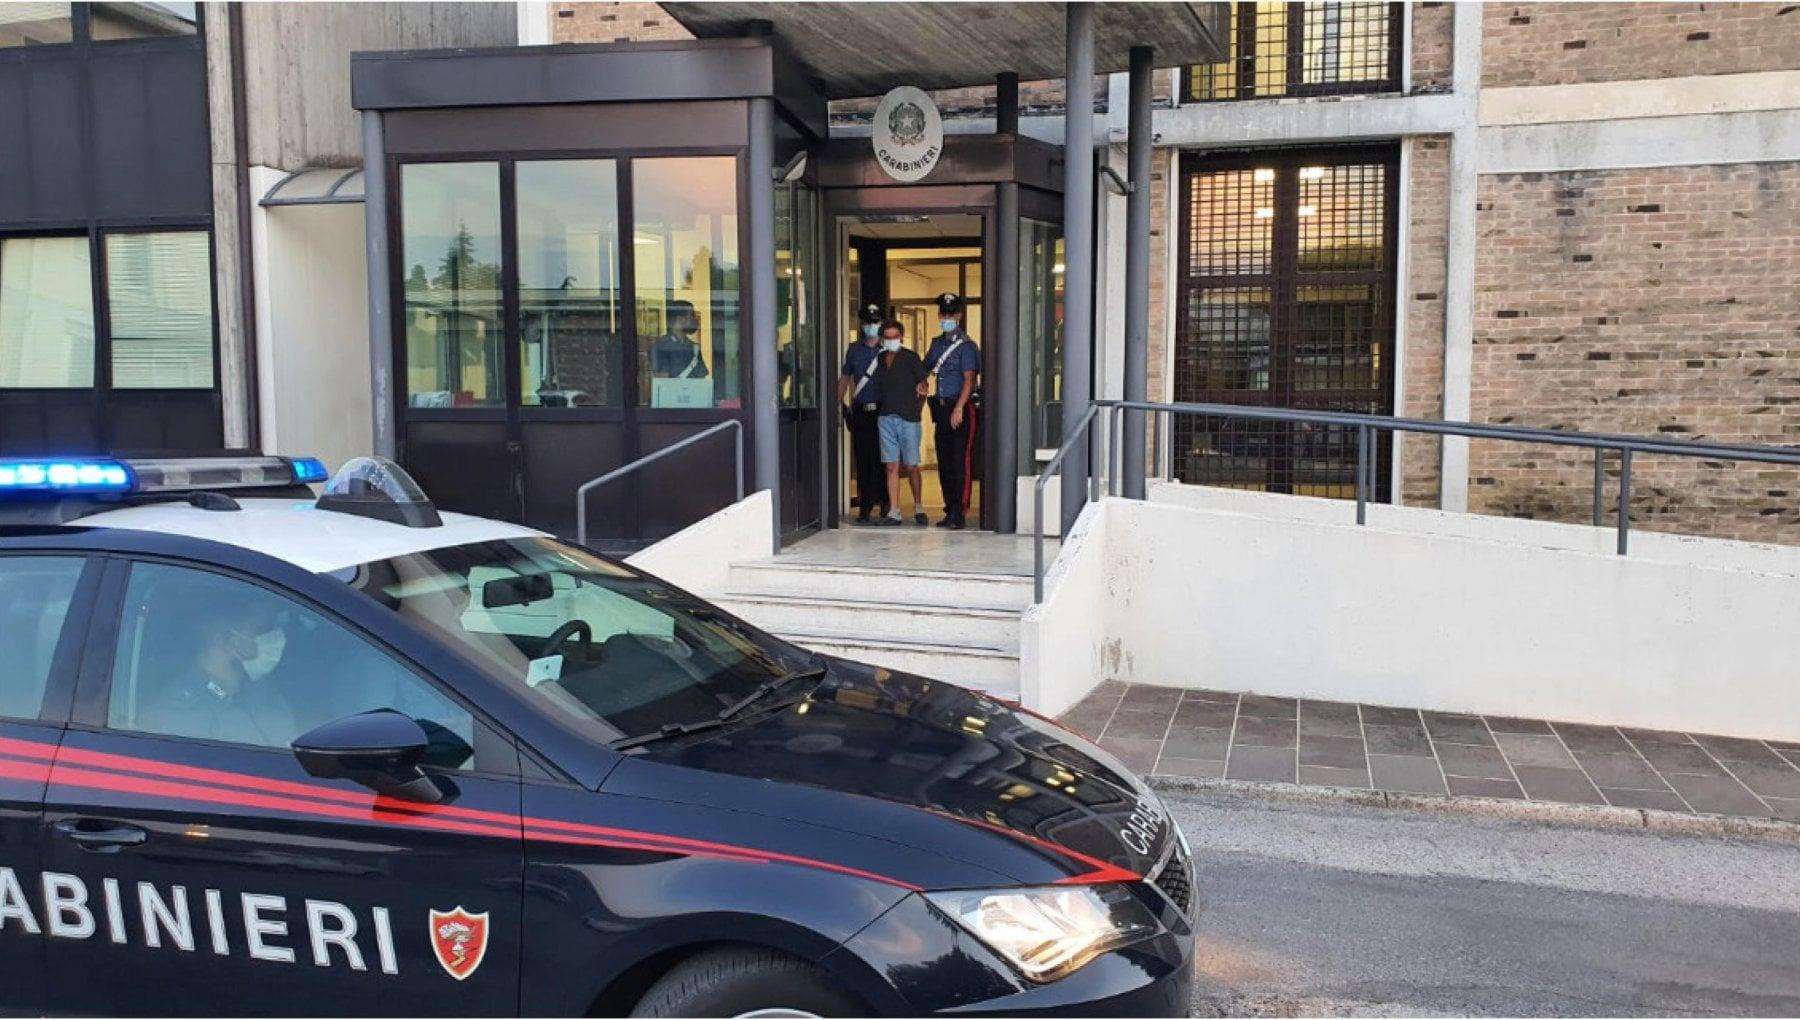 155557442 91013463 c9c4 4019 8195 53700abdca36 - Vicenza, giovane donna uccisa a colpi di pistola